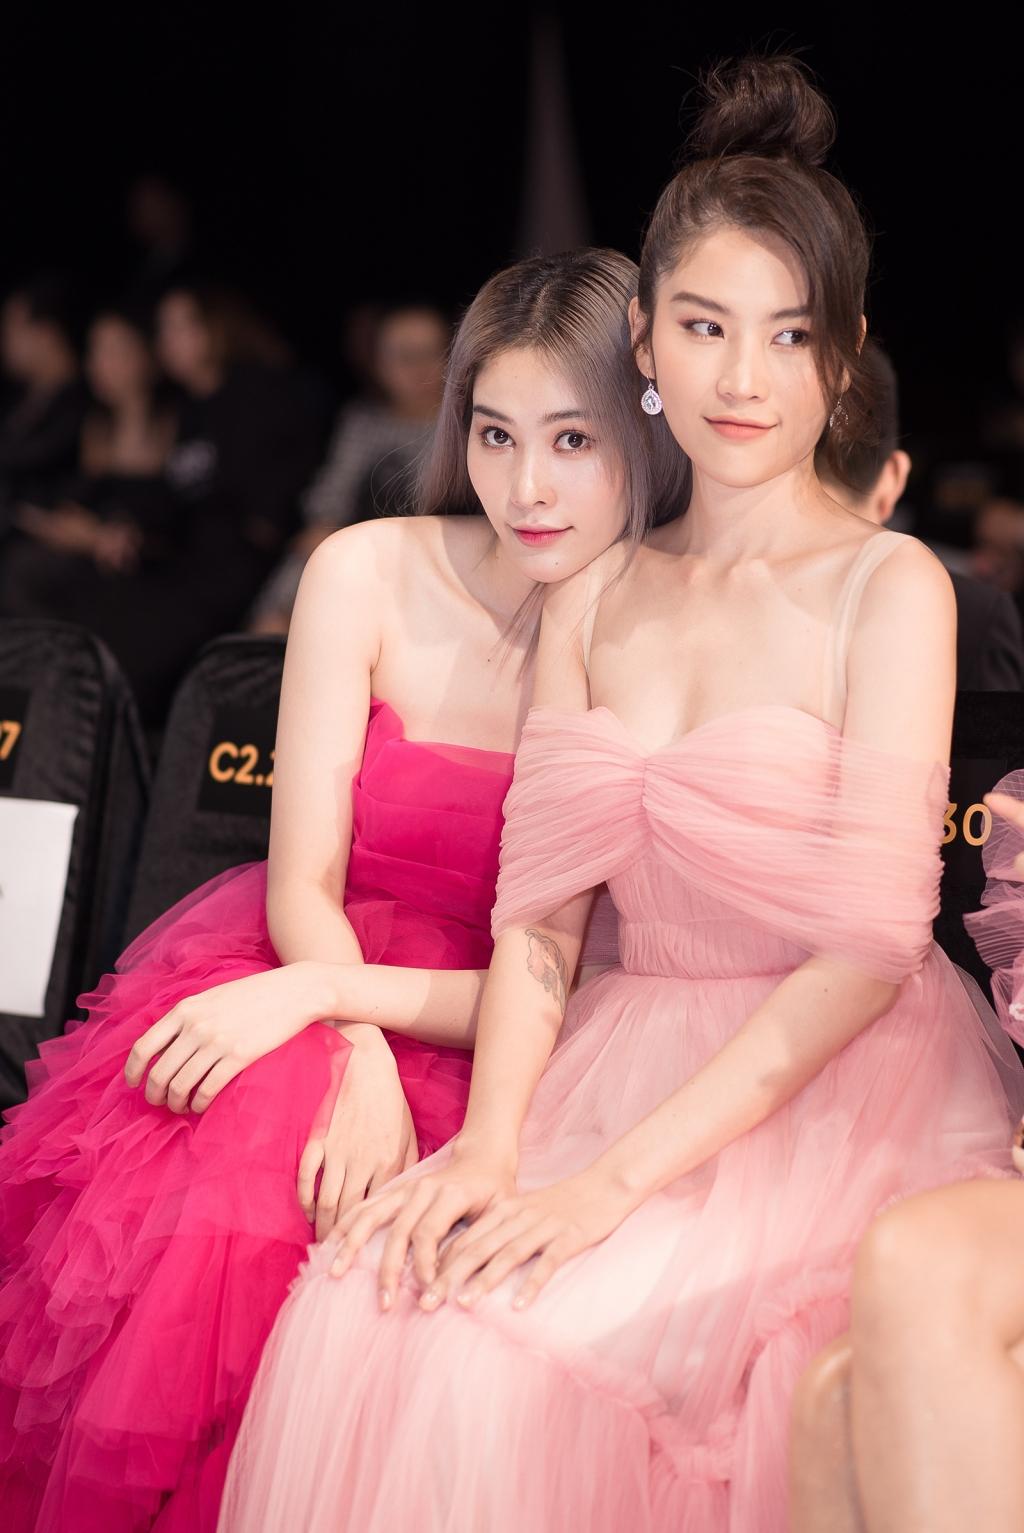 Hoa hậu Hoàn vũ 2021: Nguyễn Thị Lệ Nam – tưởng lạ hóa người quen?